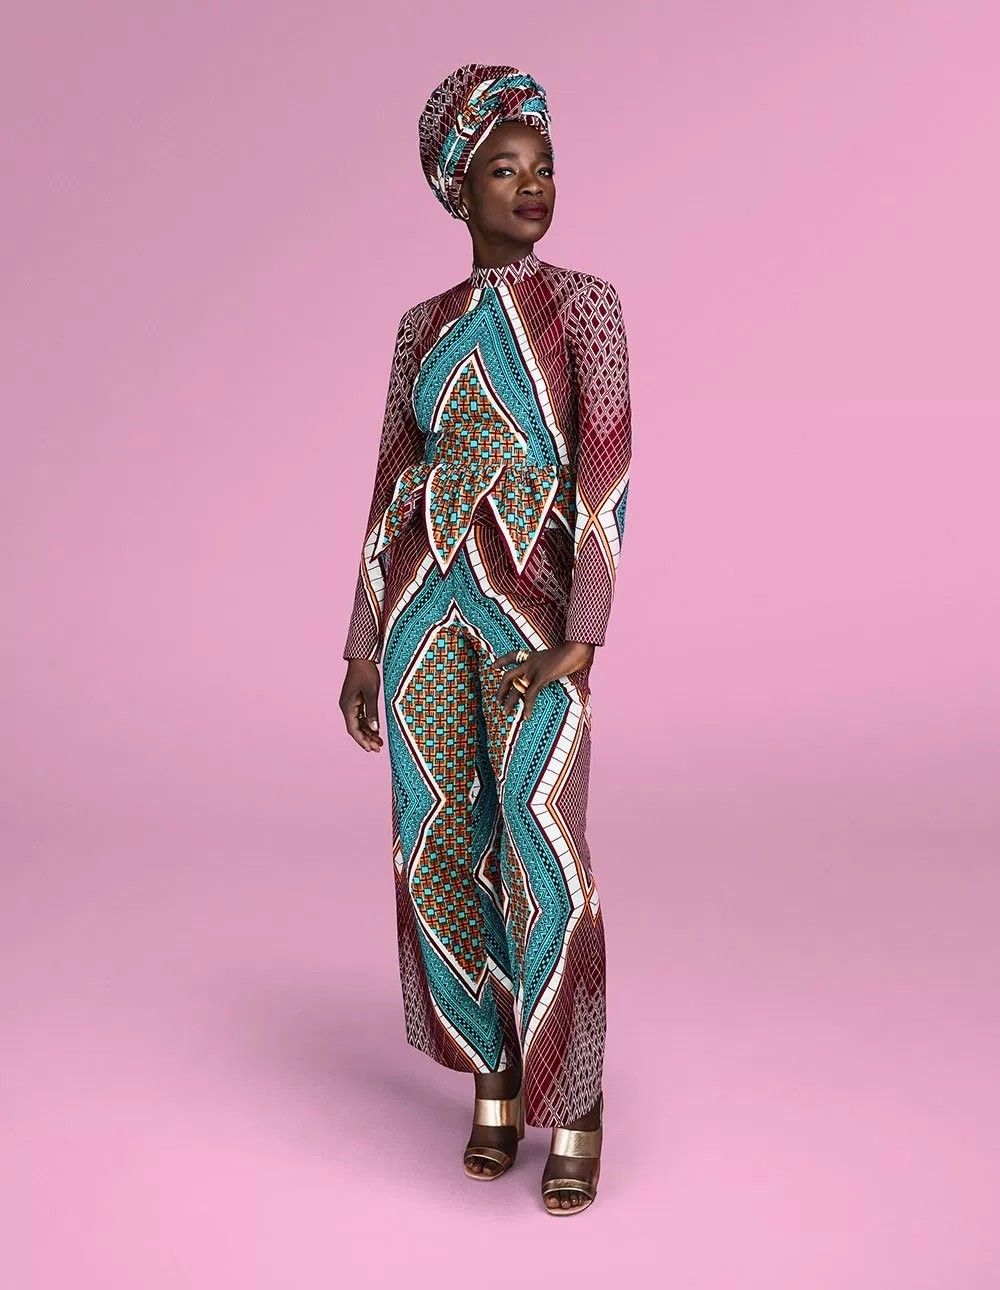 Pin de Nina en African dresses & Inspiration of the Culture   Pinterest